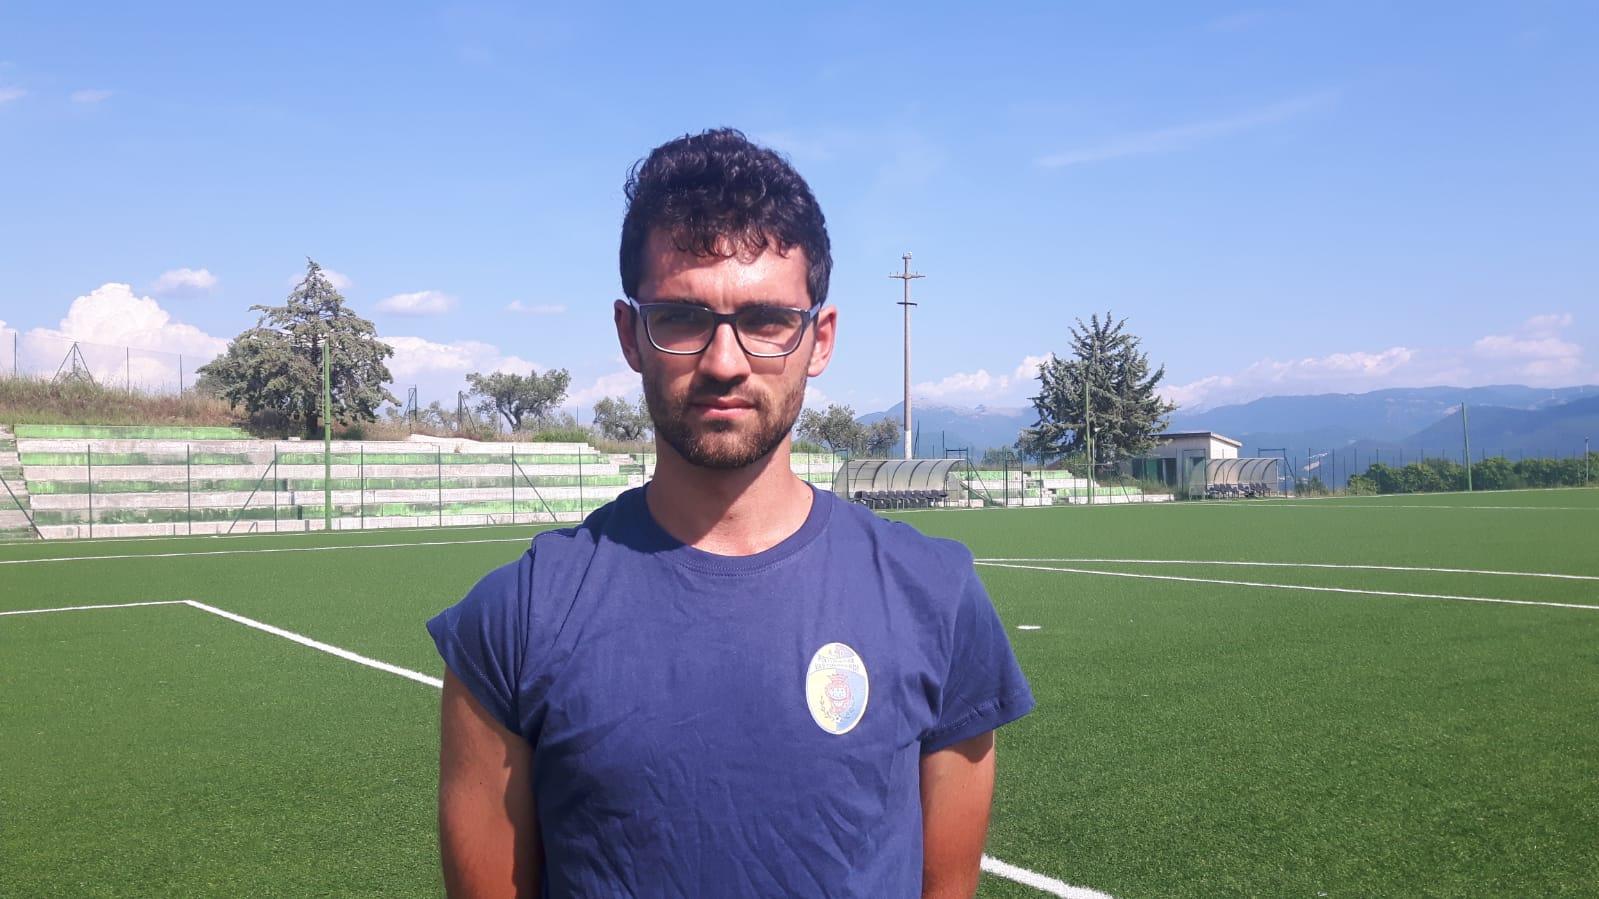 """Vastogirardi: anche la formazione Juniores guidata da mister Umberto Di Giacomo ha dato il via alla preparazione. Intanto al """"Di Tella"""" continuano i lavori."""